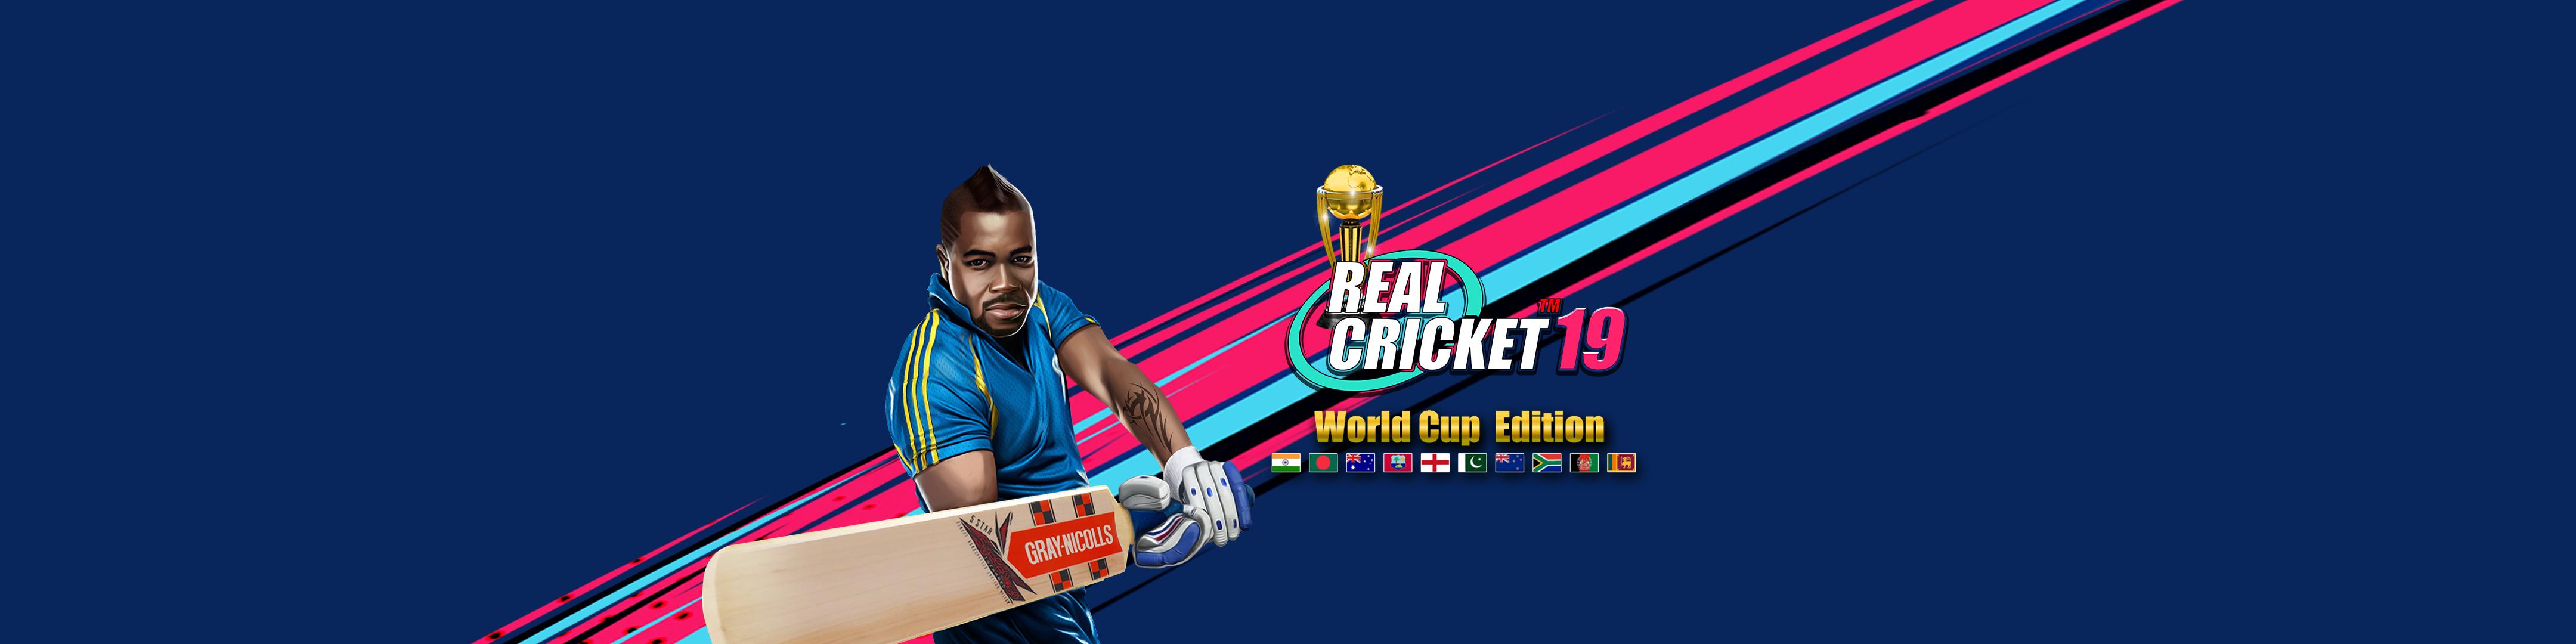 Real Cricket™ 19 - Revenue & Download estimates - Apple App